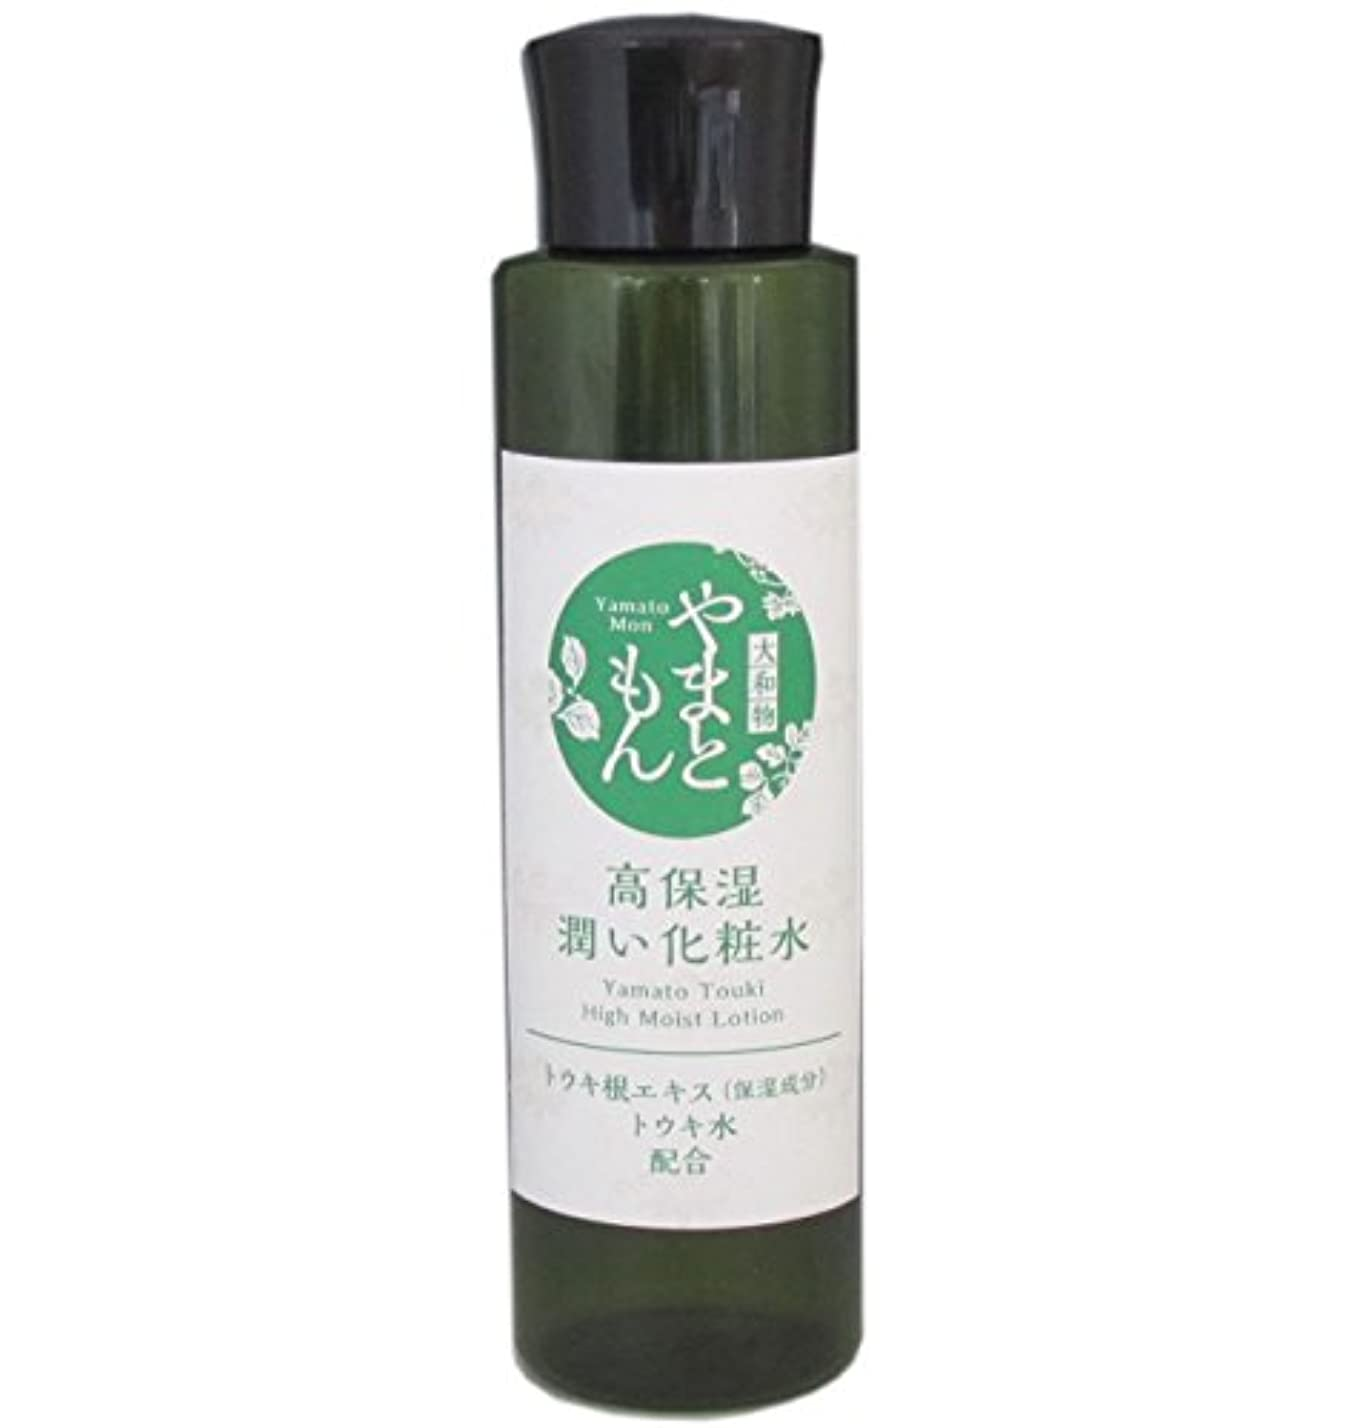 奈良産和漢生薬エキス使用やまともん化粧品 当帰化粧水(とうきけしょうすい)